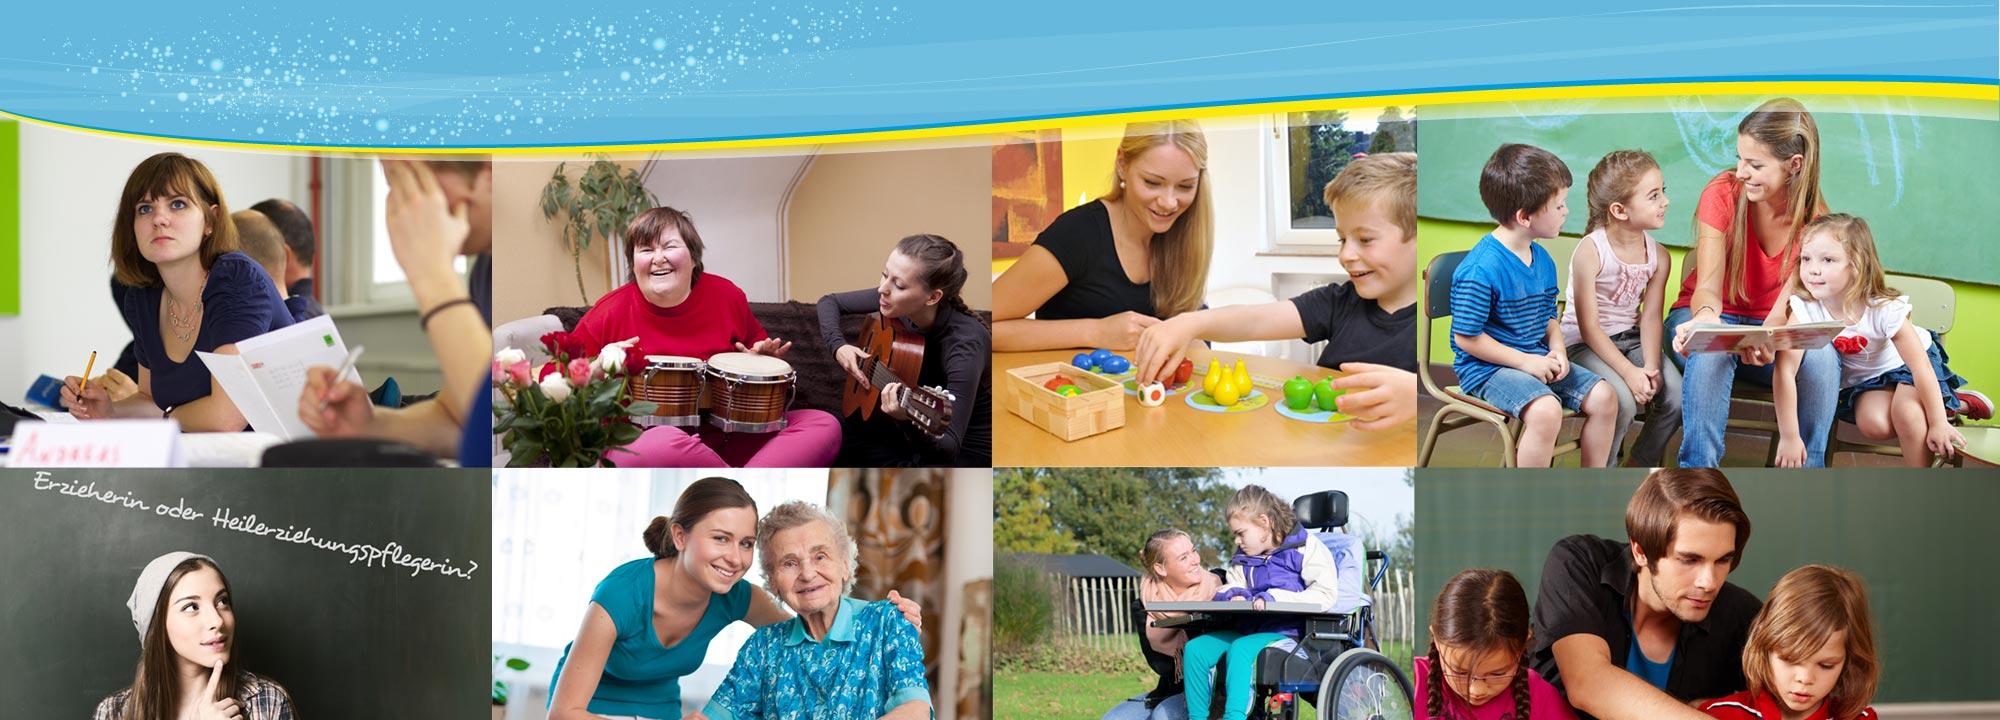 Startseite SPI Thalheim Schule für Sozialwesen